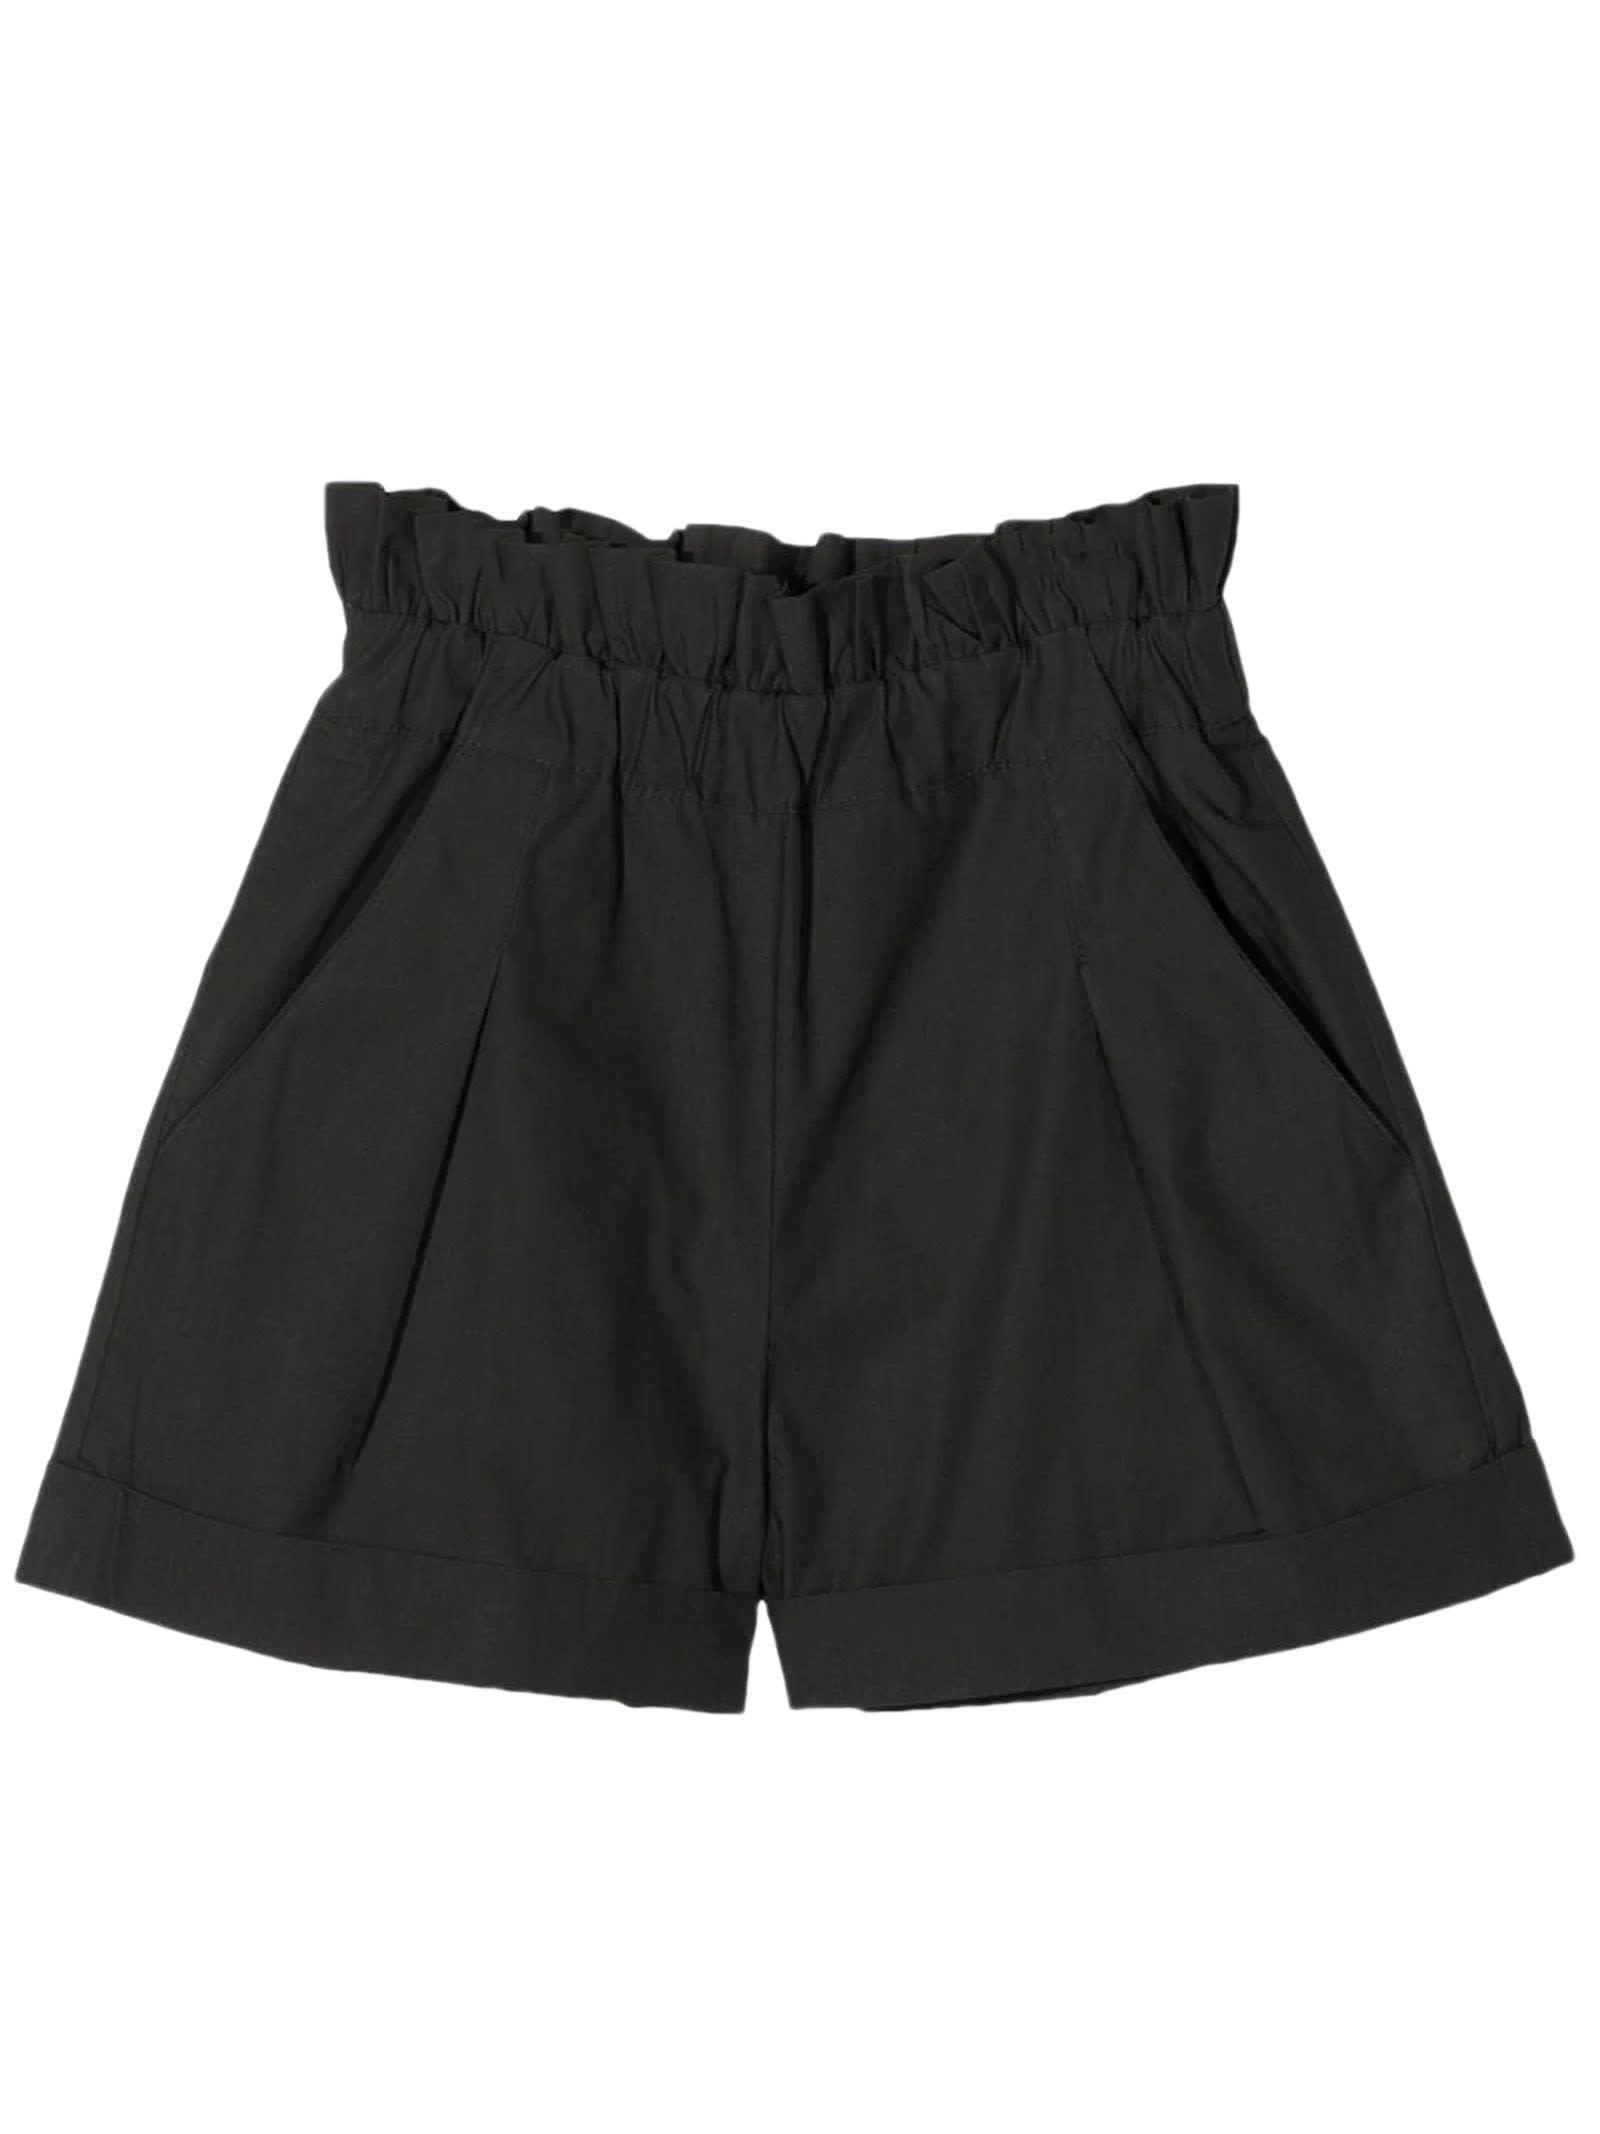 Dark Grey Cotton Shorts